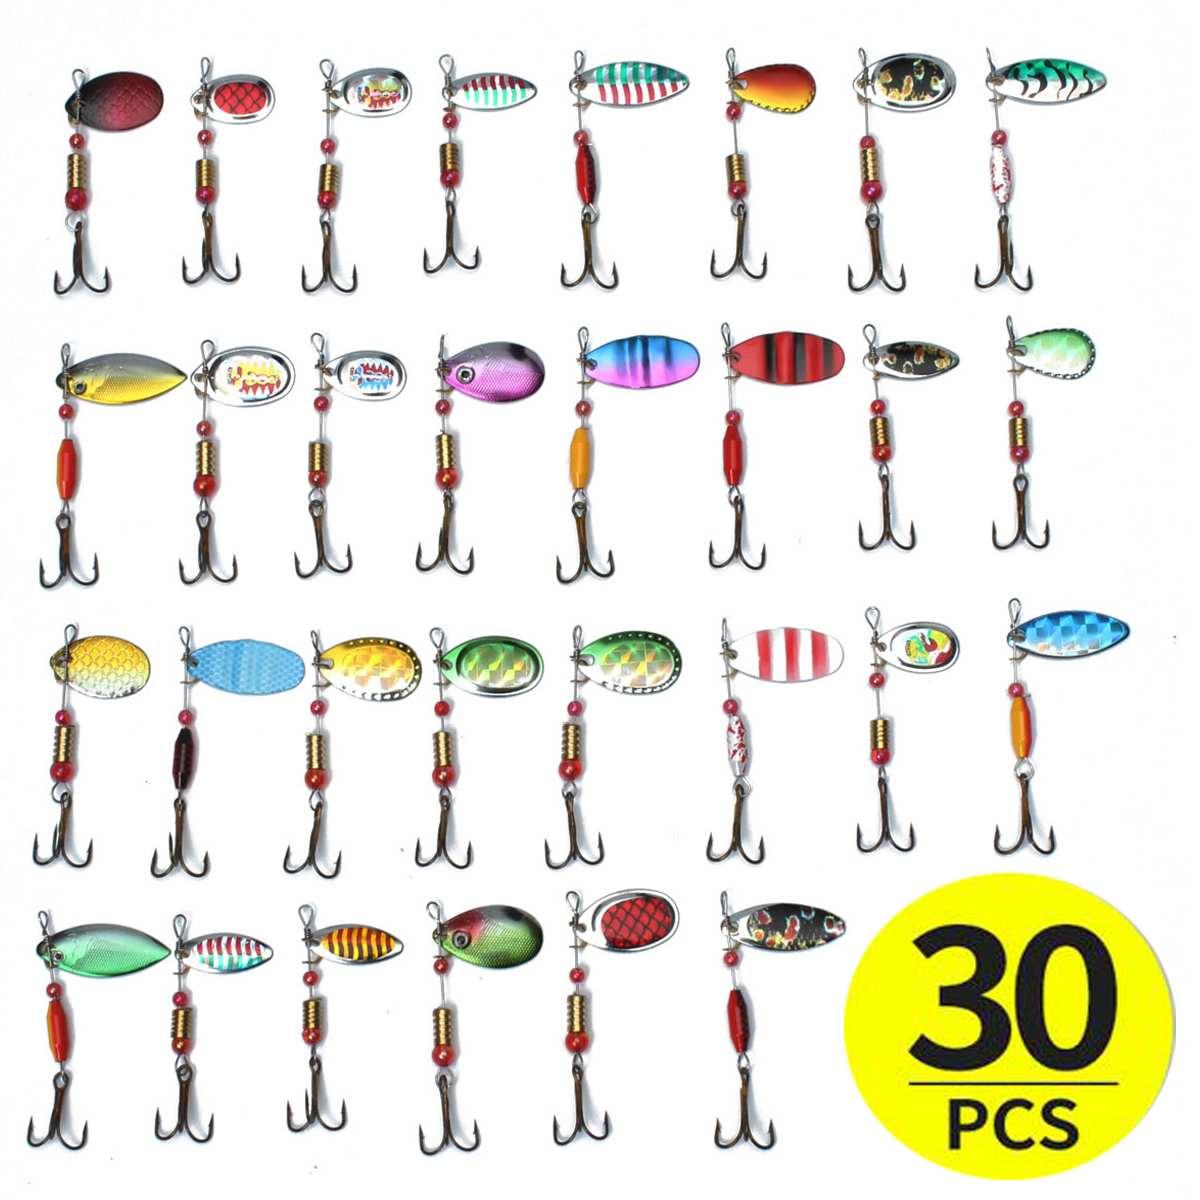 30pcs Metal Fishing Lure Set  1